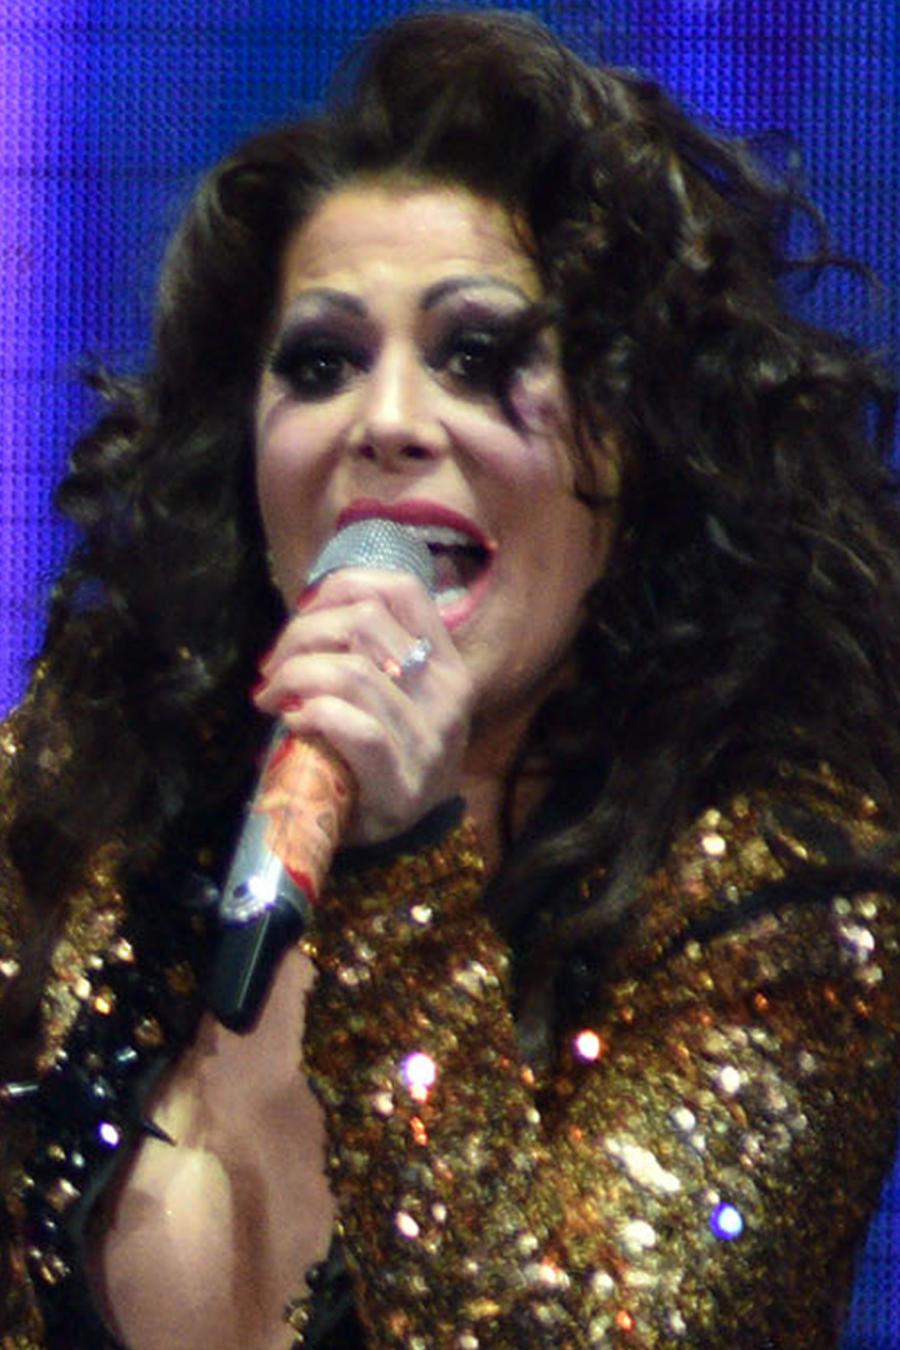 Alejandra Guzmán cantando en el VERSUS World Tour en Denver, Colorado, el 23 de marzo de 2018